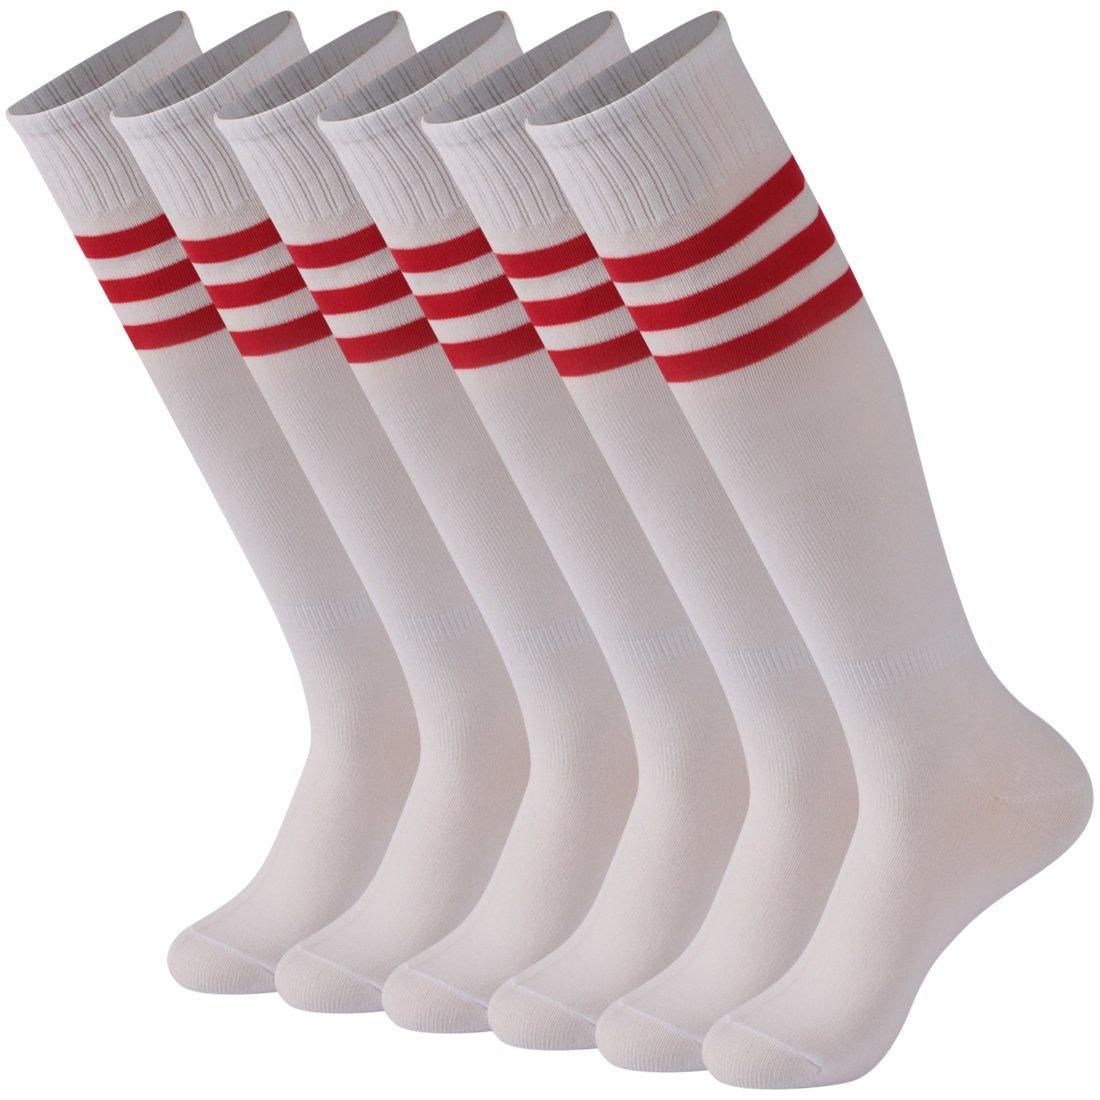 Calbom Men's Women's Triple Stripe Over the Knee Soccer Team Socks Long Fashion Tube Football Socks 6 Pack White Casual Dress by Calbom